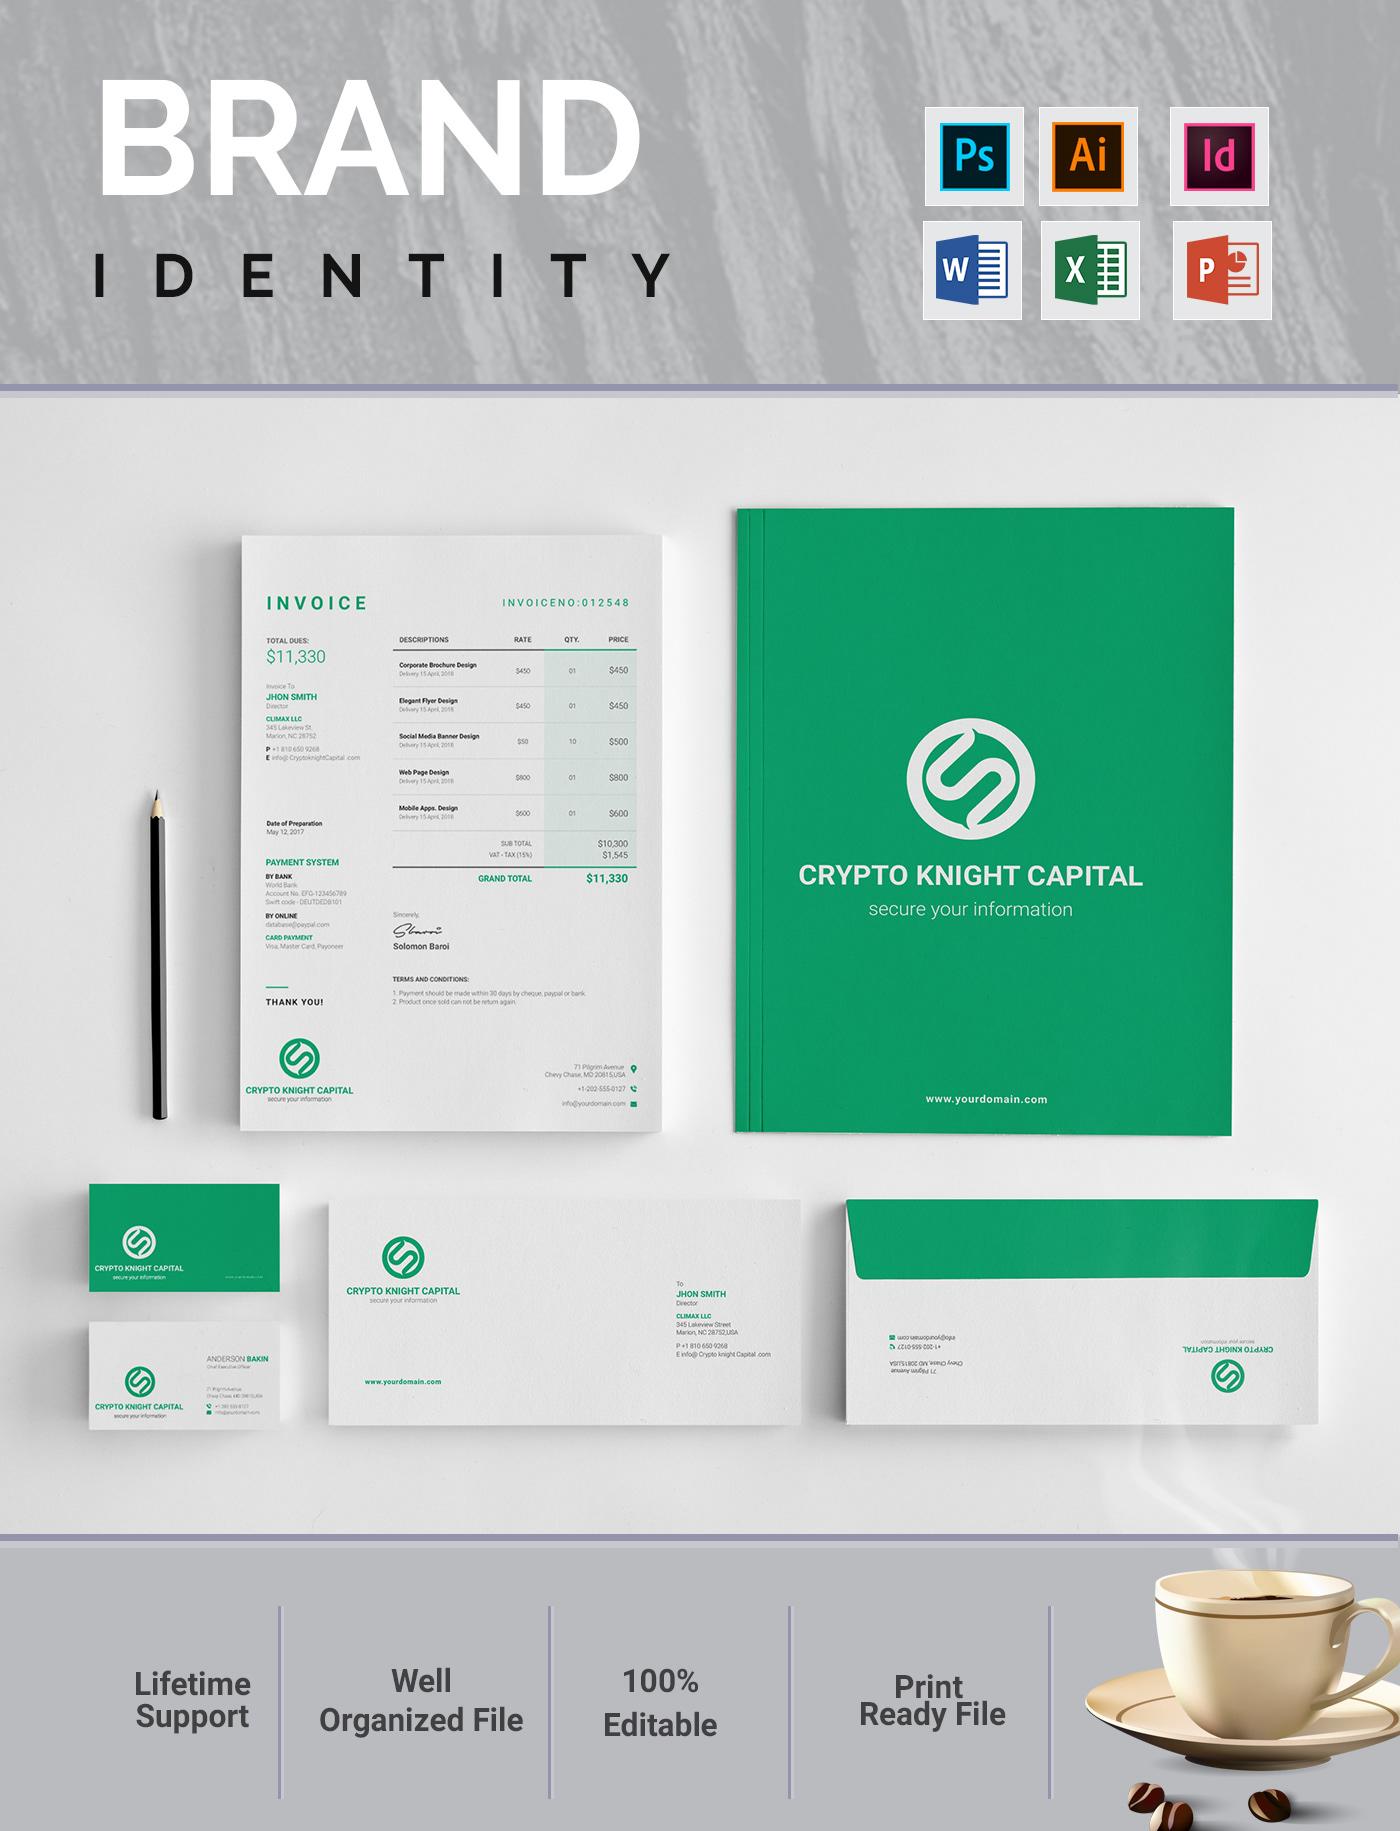 Apuntalar una marca personal es tan importante para lograr proyección profesional como el desarrollo mismo de las propias habilidades laborales.